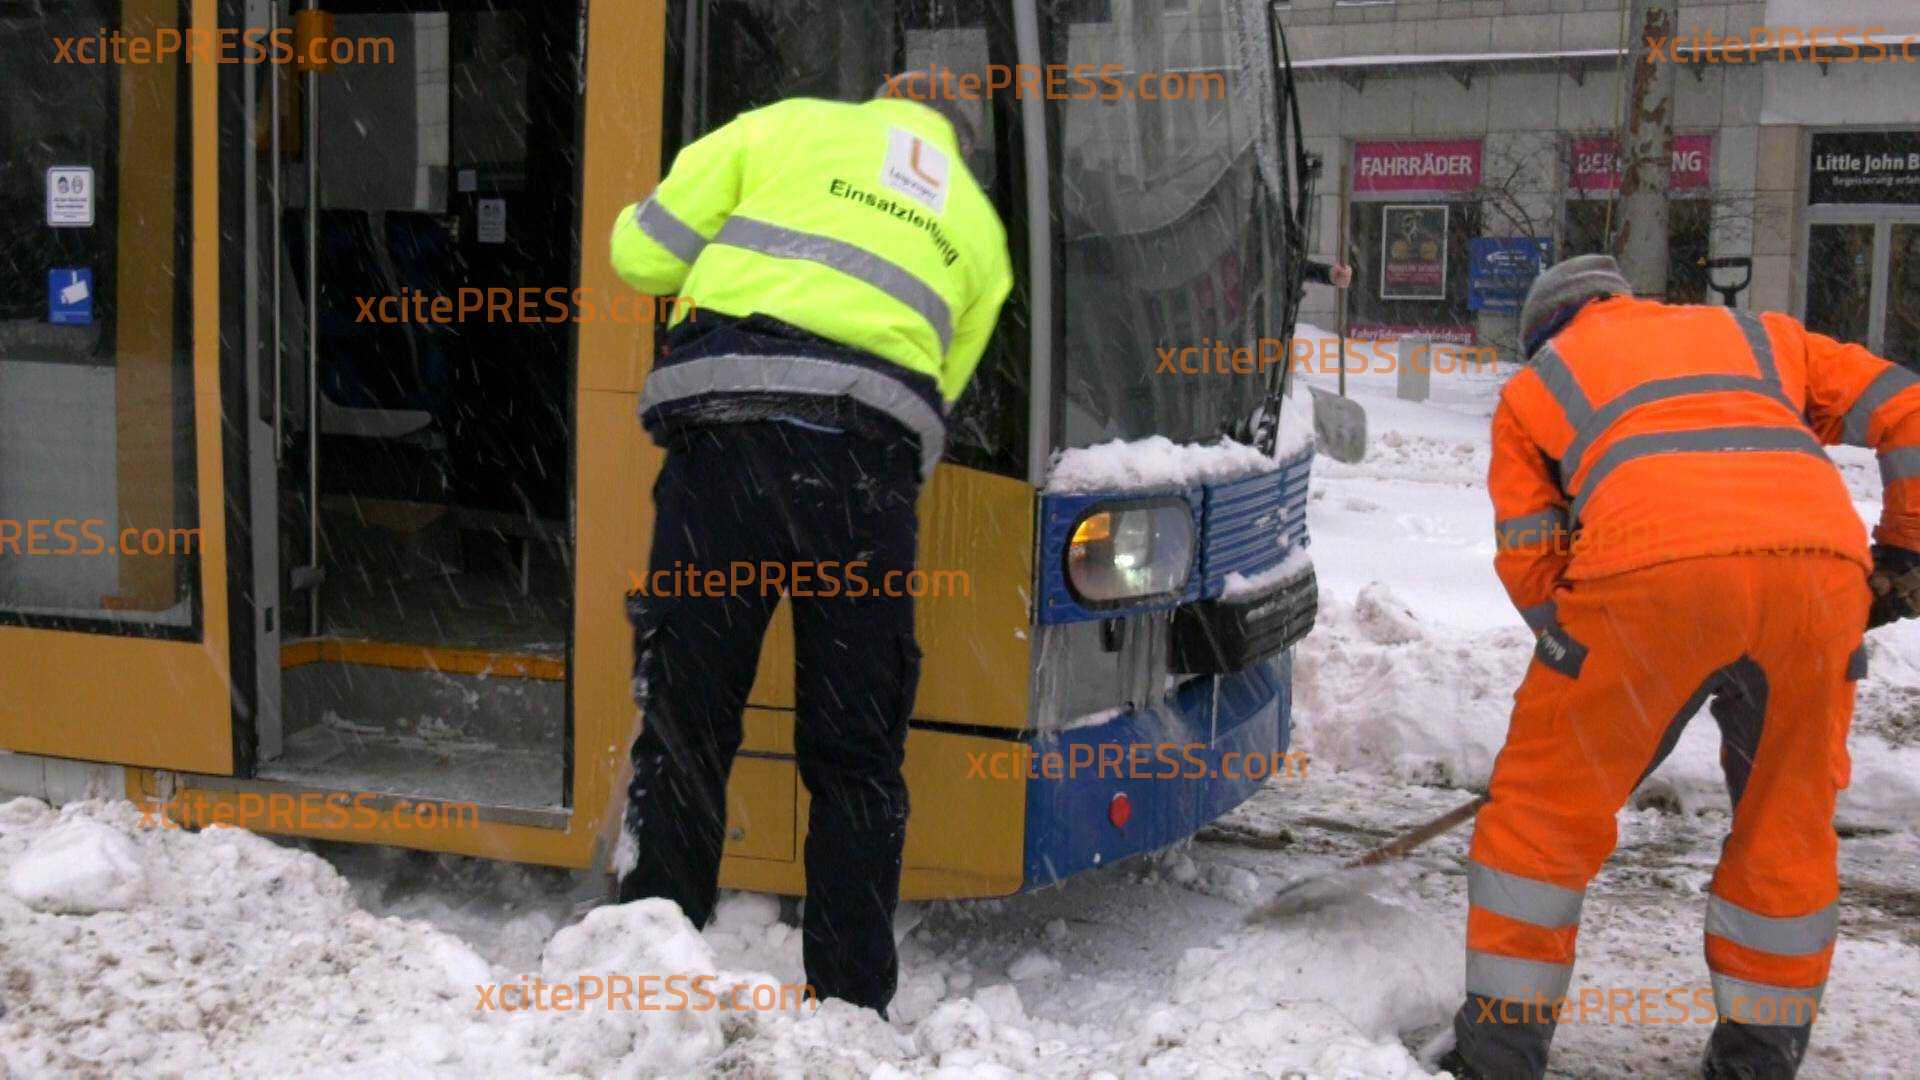 Leipziger Verkehrsbetriebe stellen Betrieb ein: Vor allem Schneeverwehungen machen dem ÖPNV zu schaffen